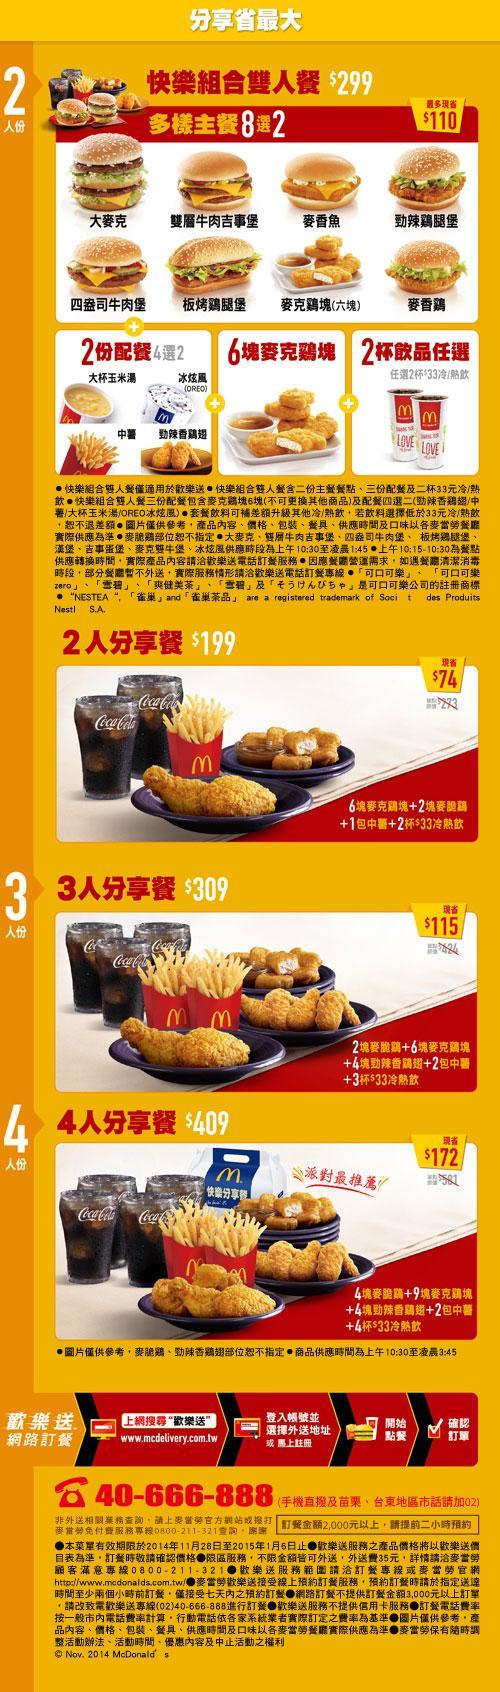 麥當勞歡樂送快樂組合雙人餐299元,多樣主餐8選2、兩份配餐